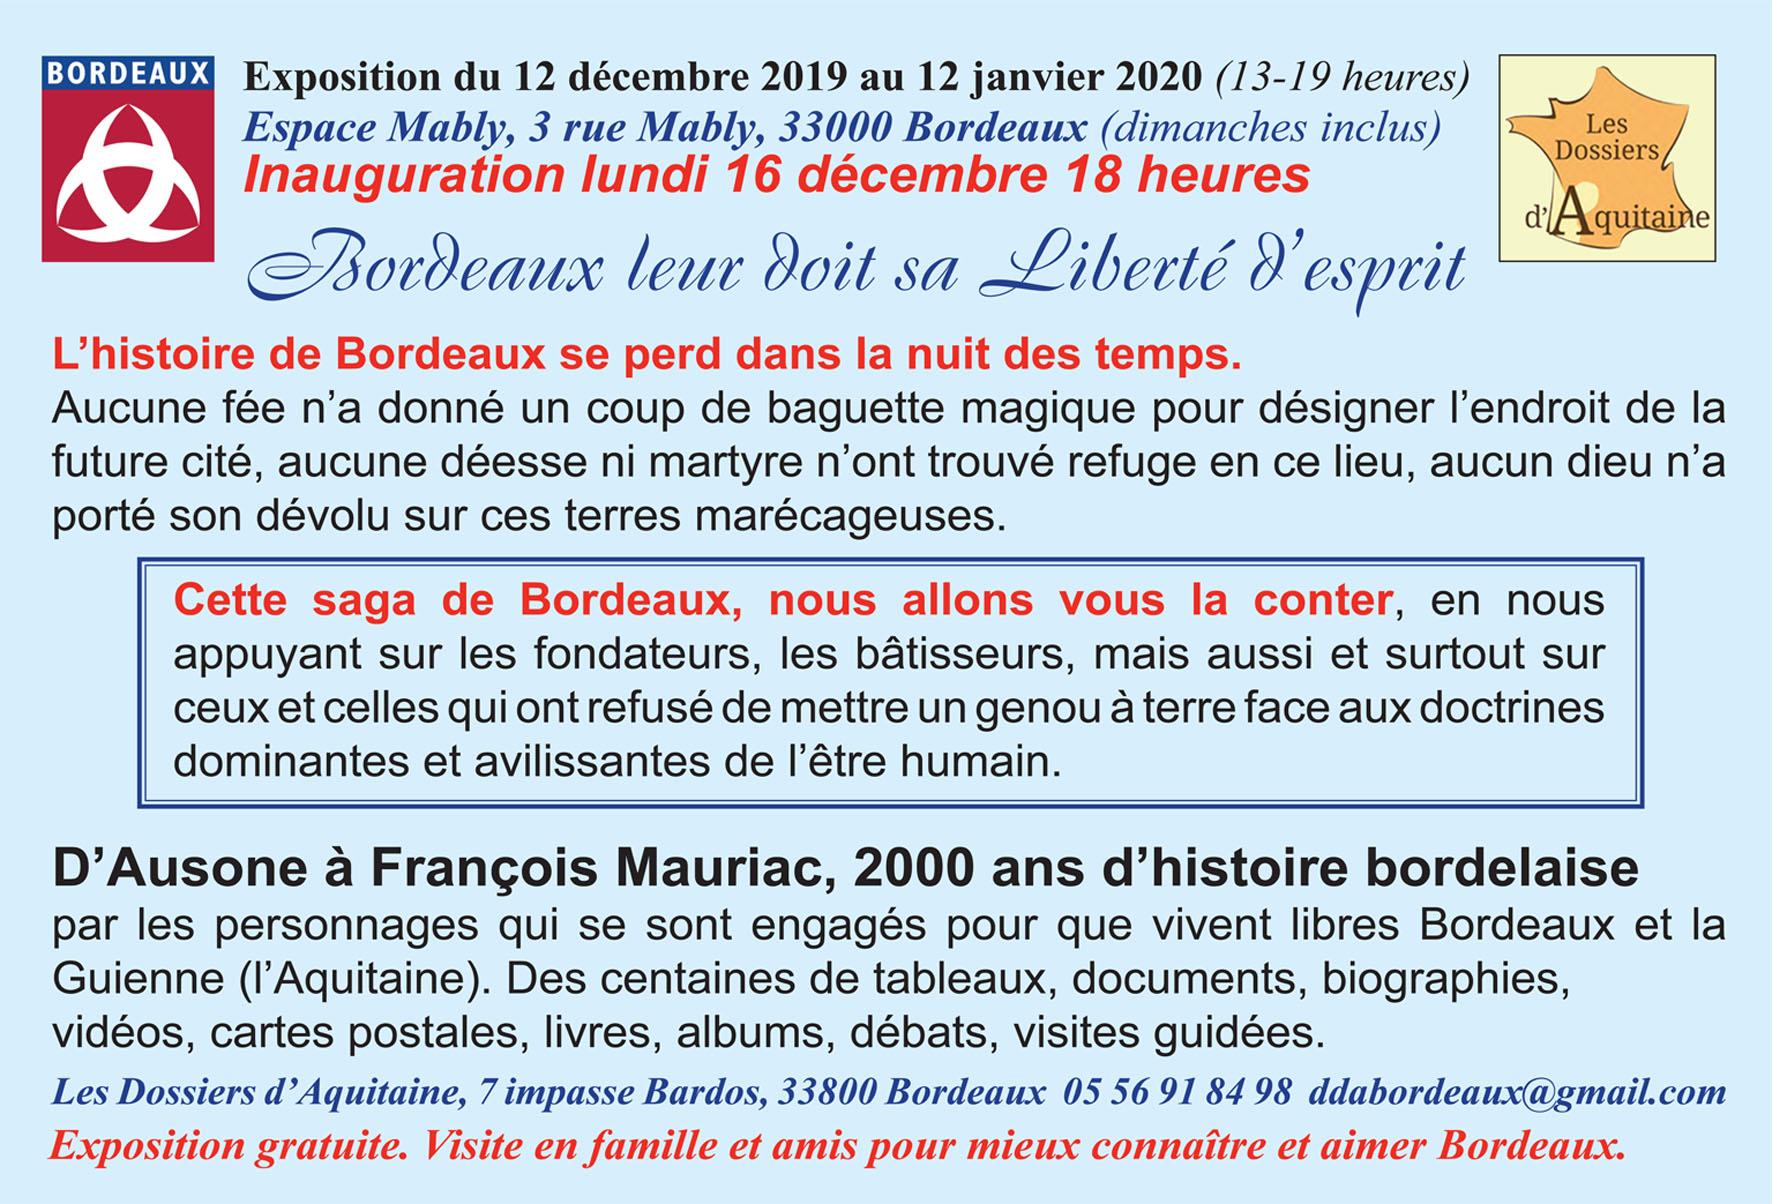 Exposition – Bordeaux leur doit sa Liberté d'esprit – Espace Mably